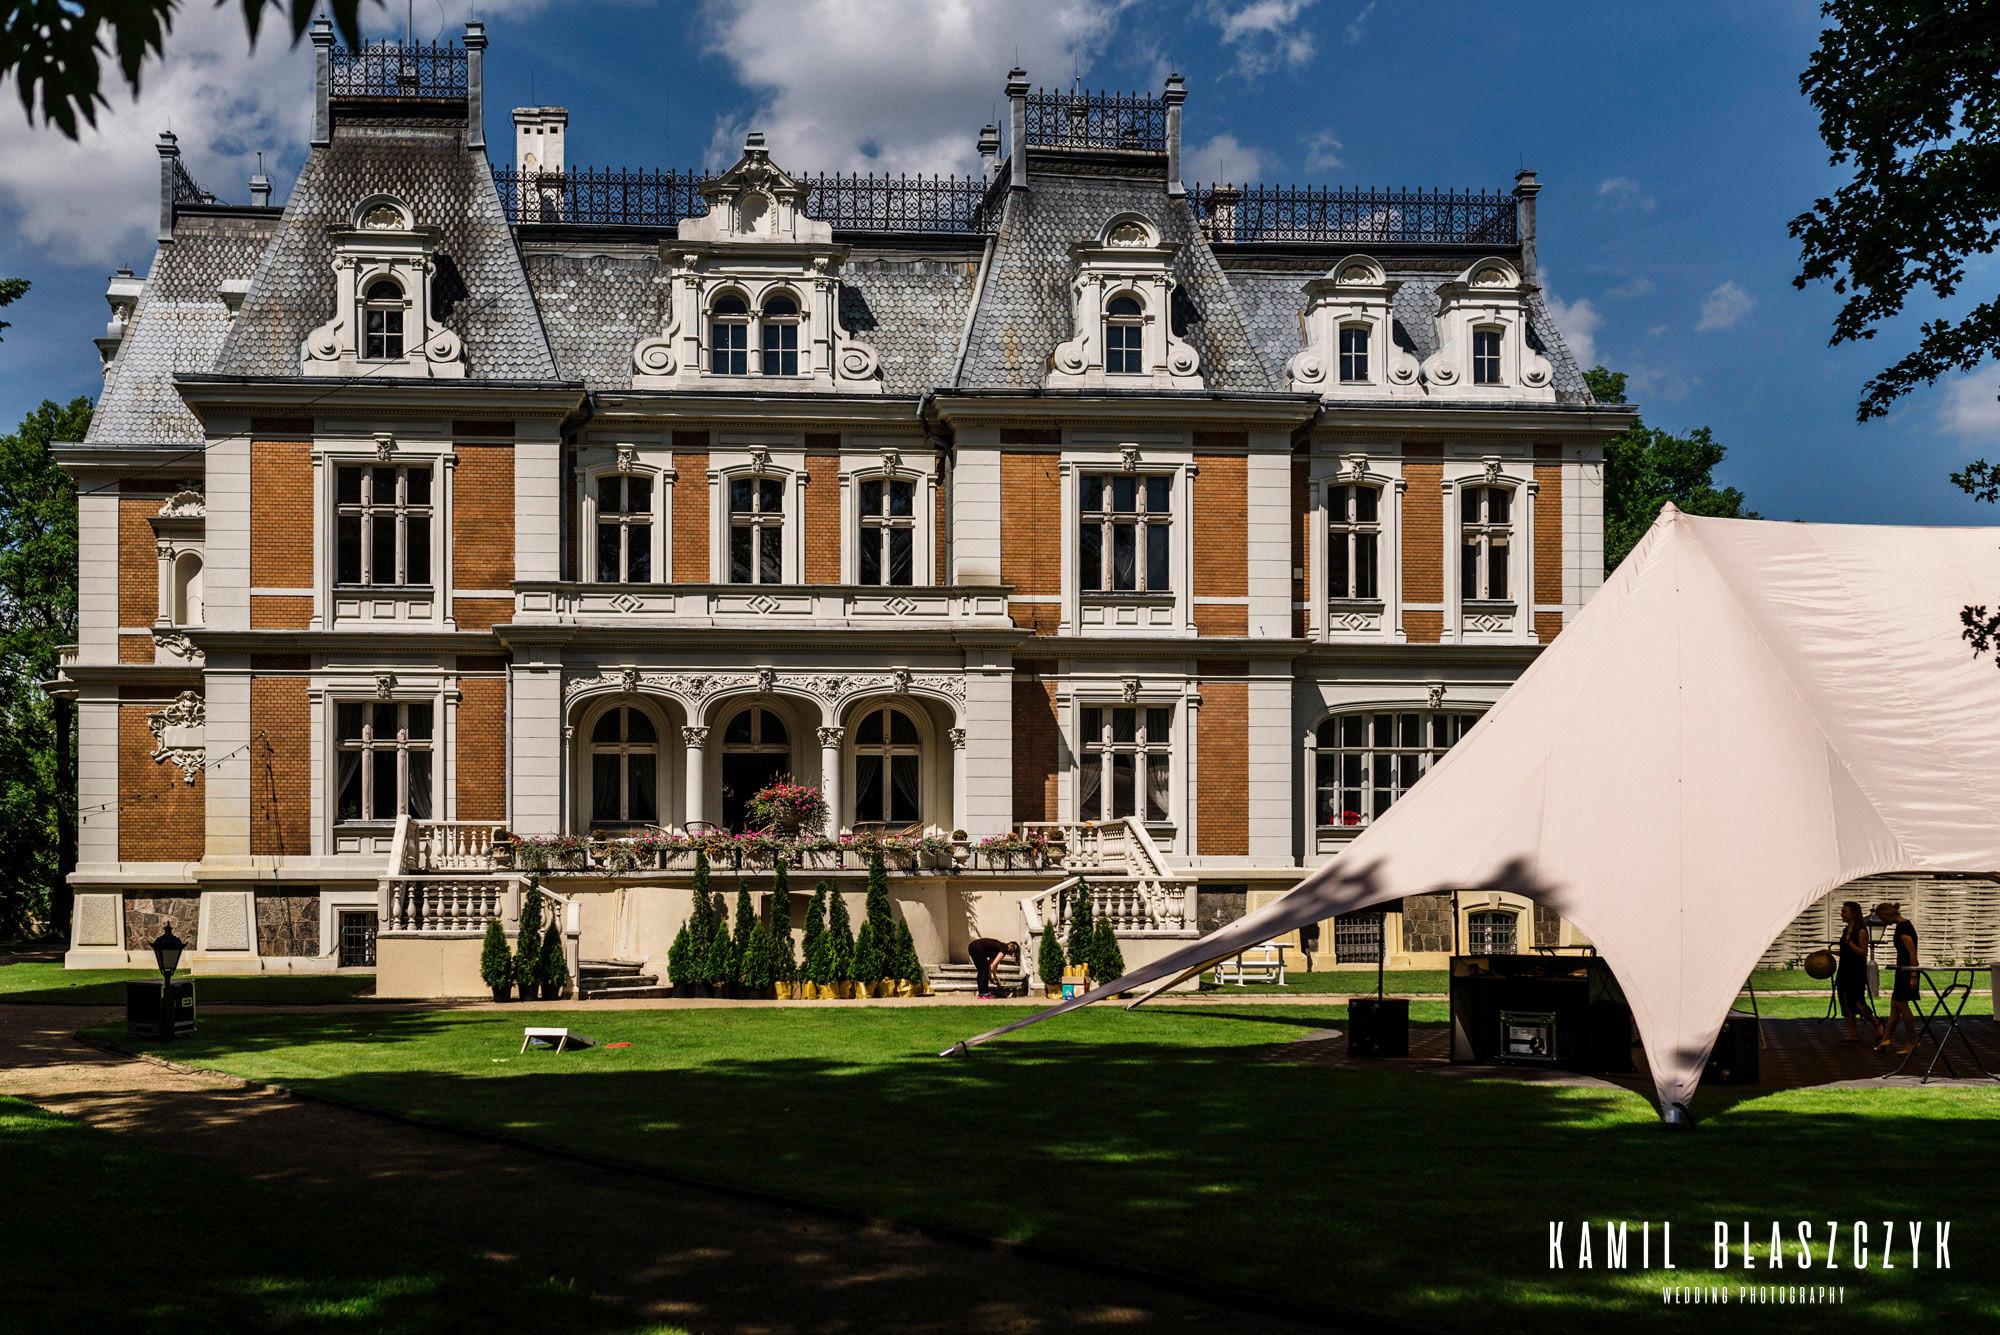 Pałac w Ksawerowie od tyłu - przygotowanie ogrodu do wesela w pałacu